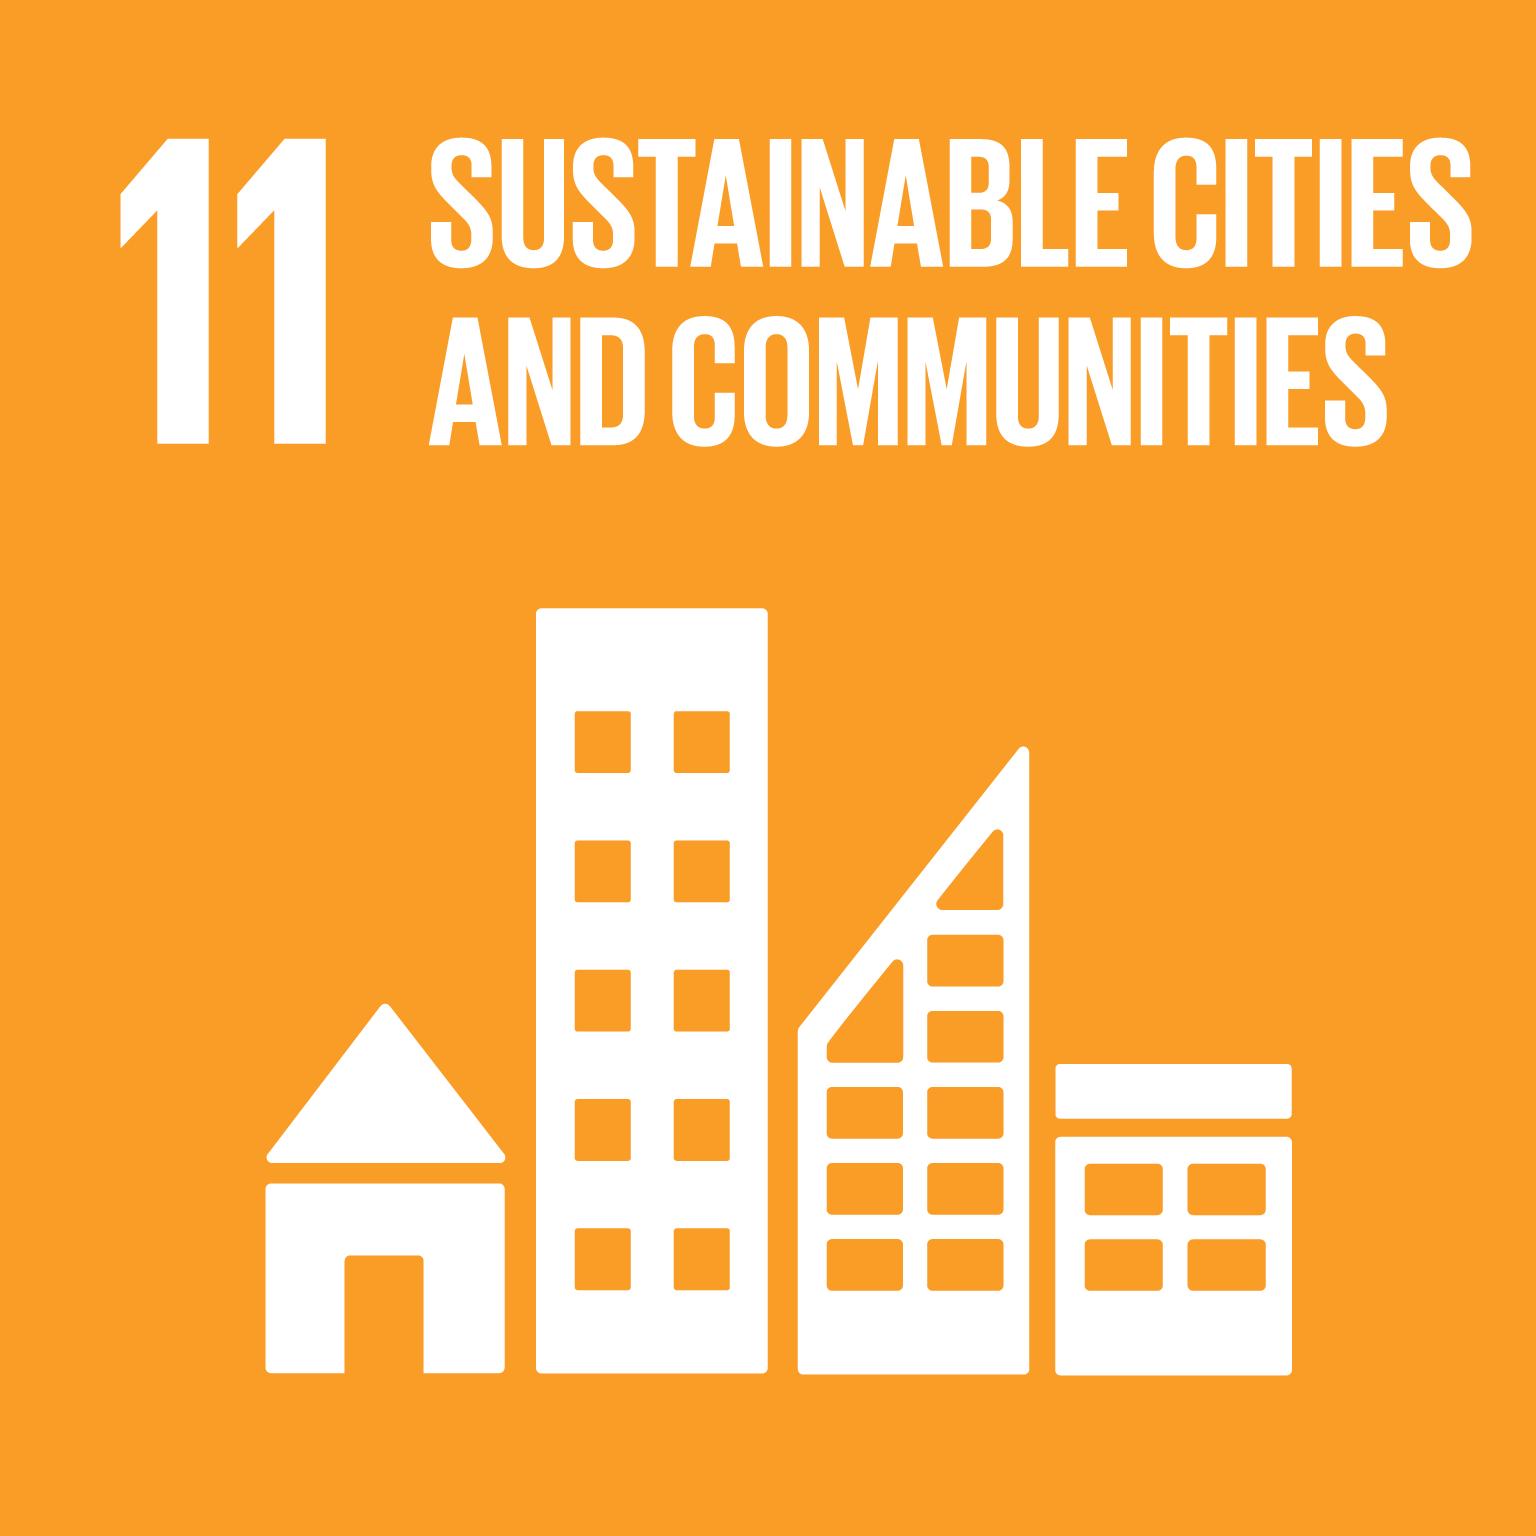 促使城市與人類居住具包容、安全、韌性及永續性